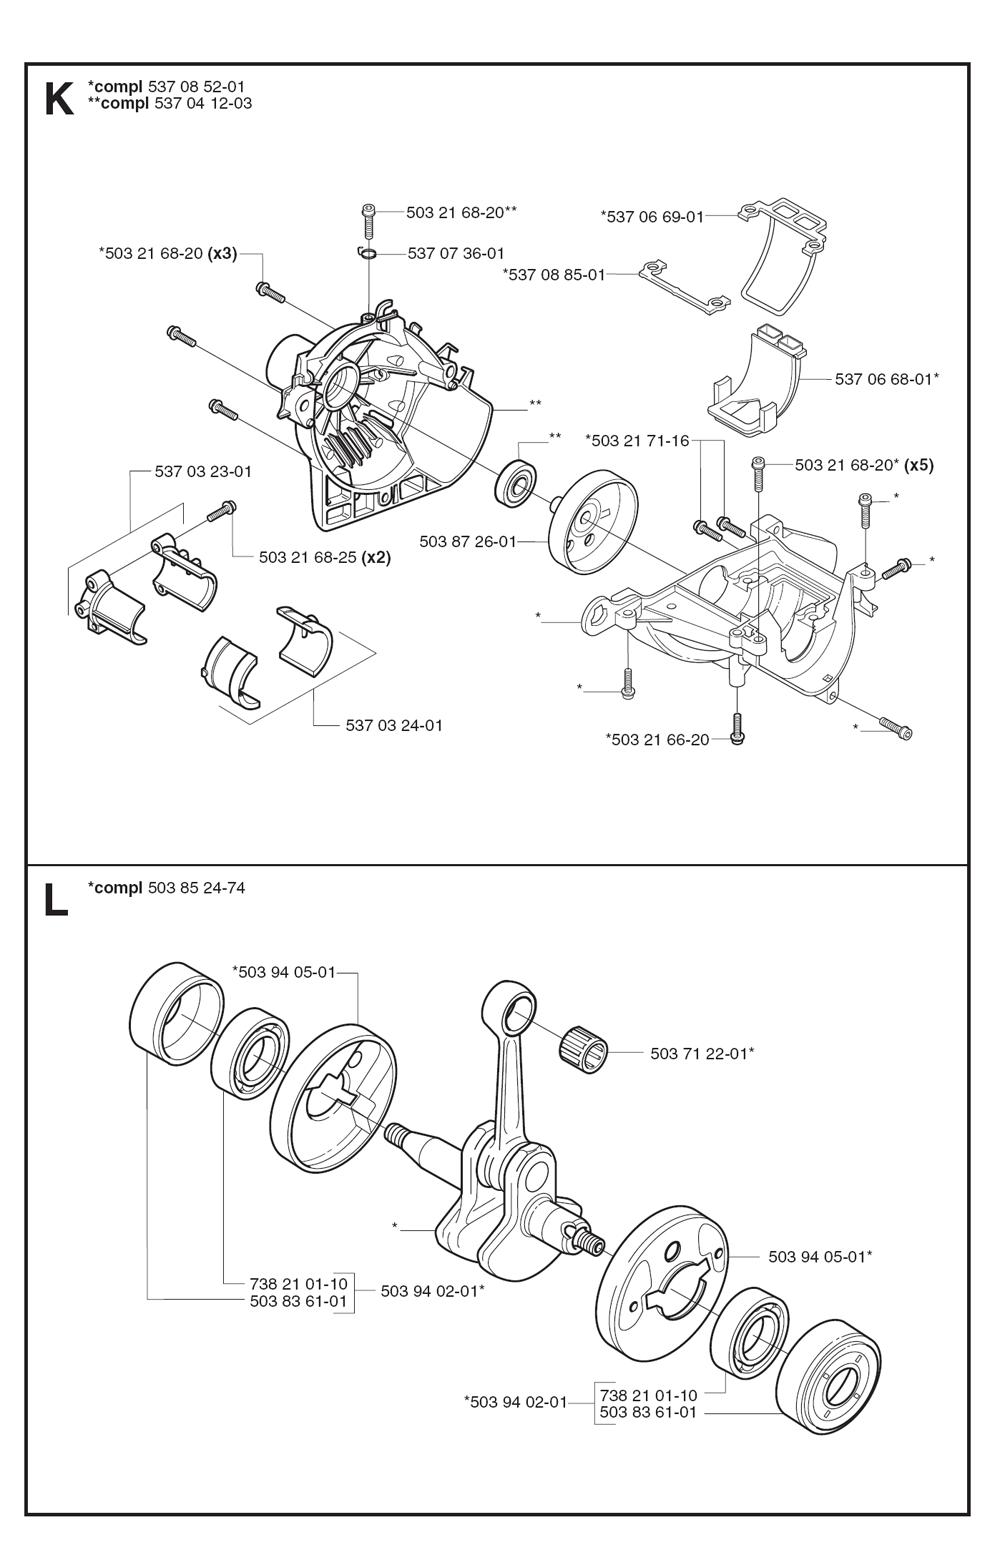 326SX-Husqvarna-PB-5Break Down